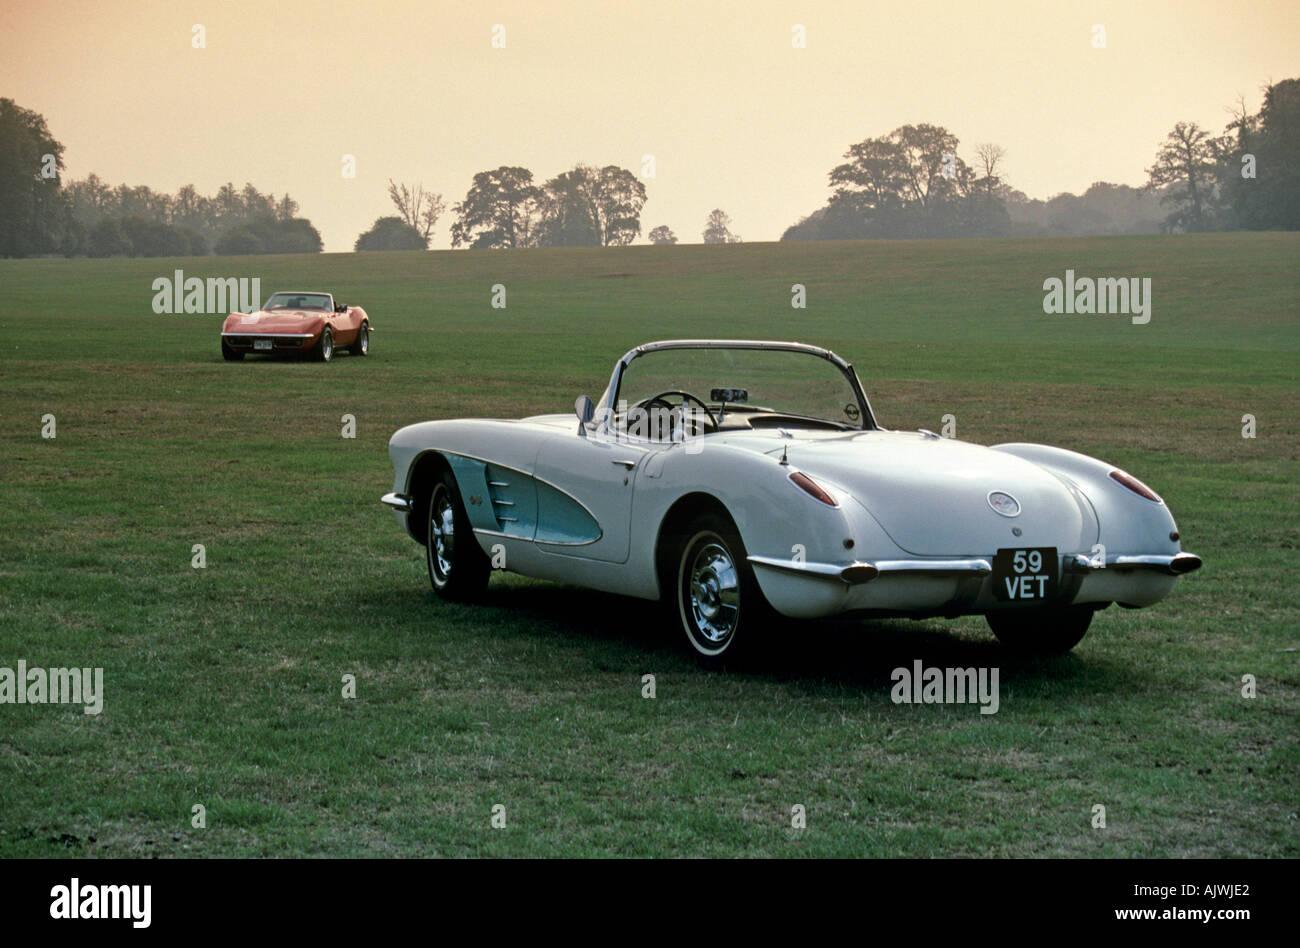 Chevrolet Corvette Of 1959 Keywords 1950s 50s 1950 S 50 S Fifties Stock Photo Alamy